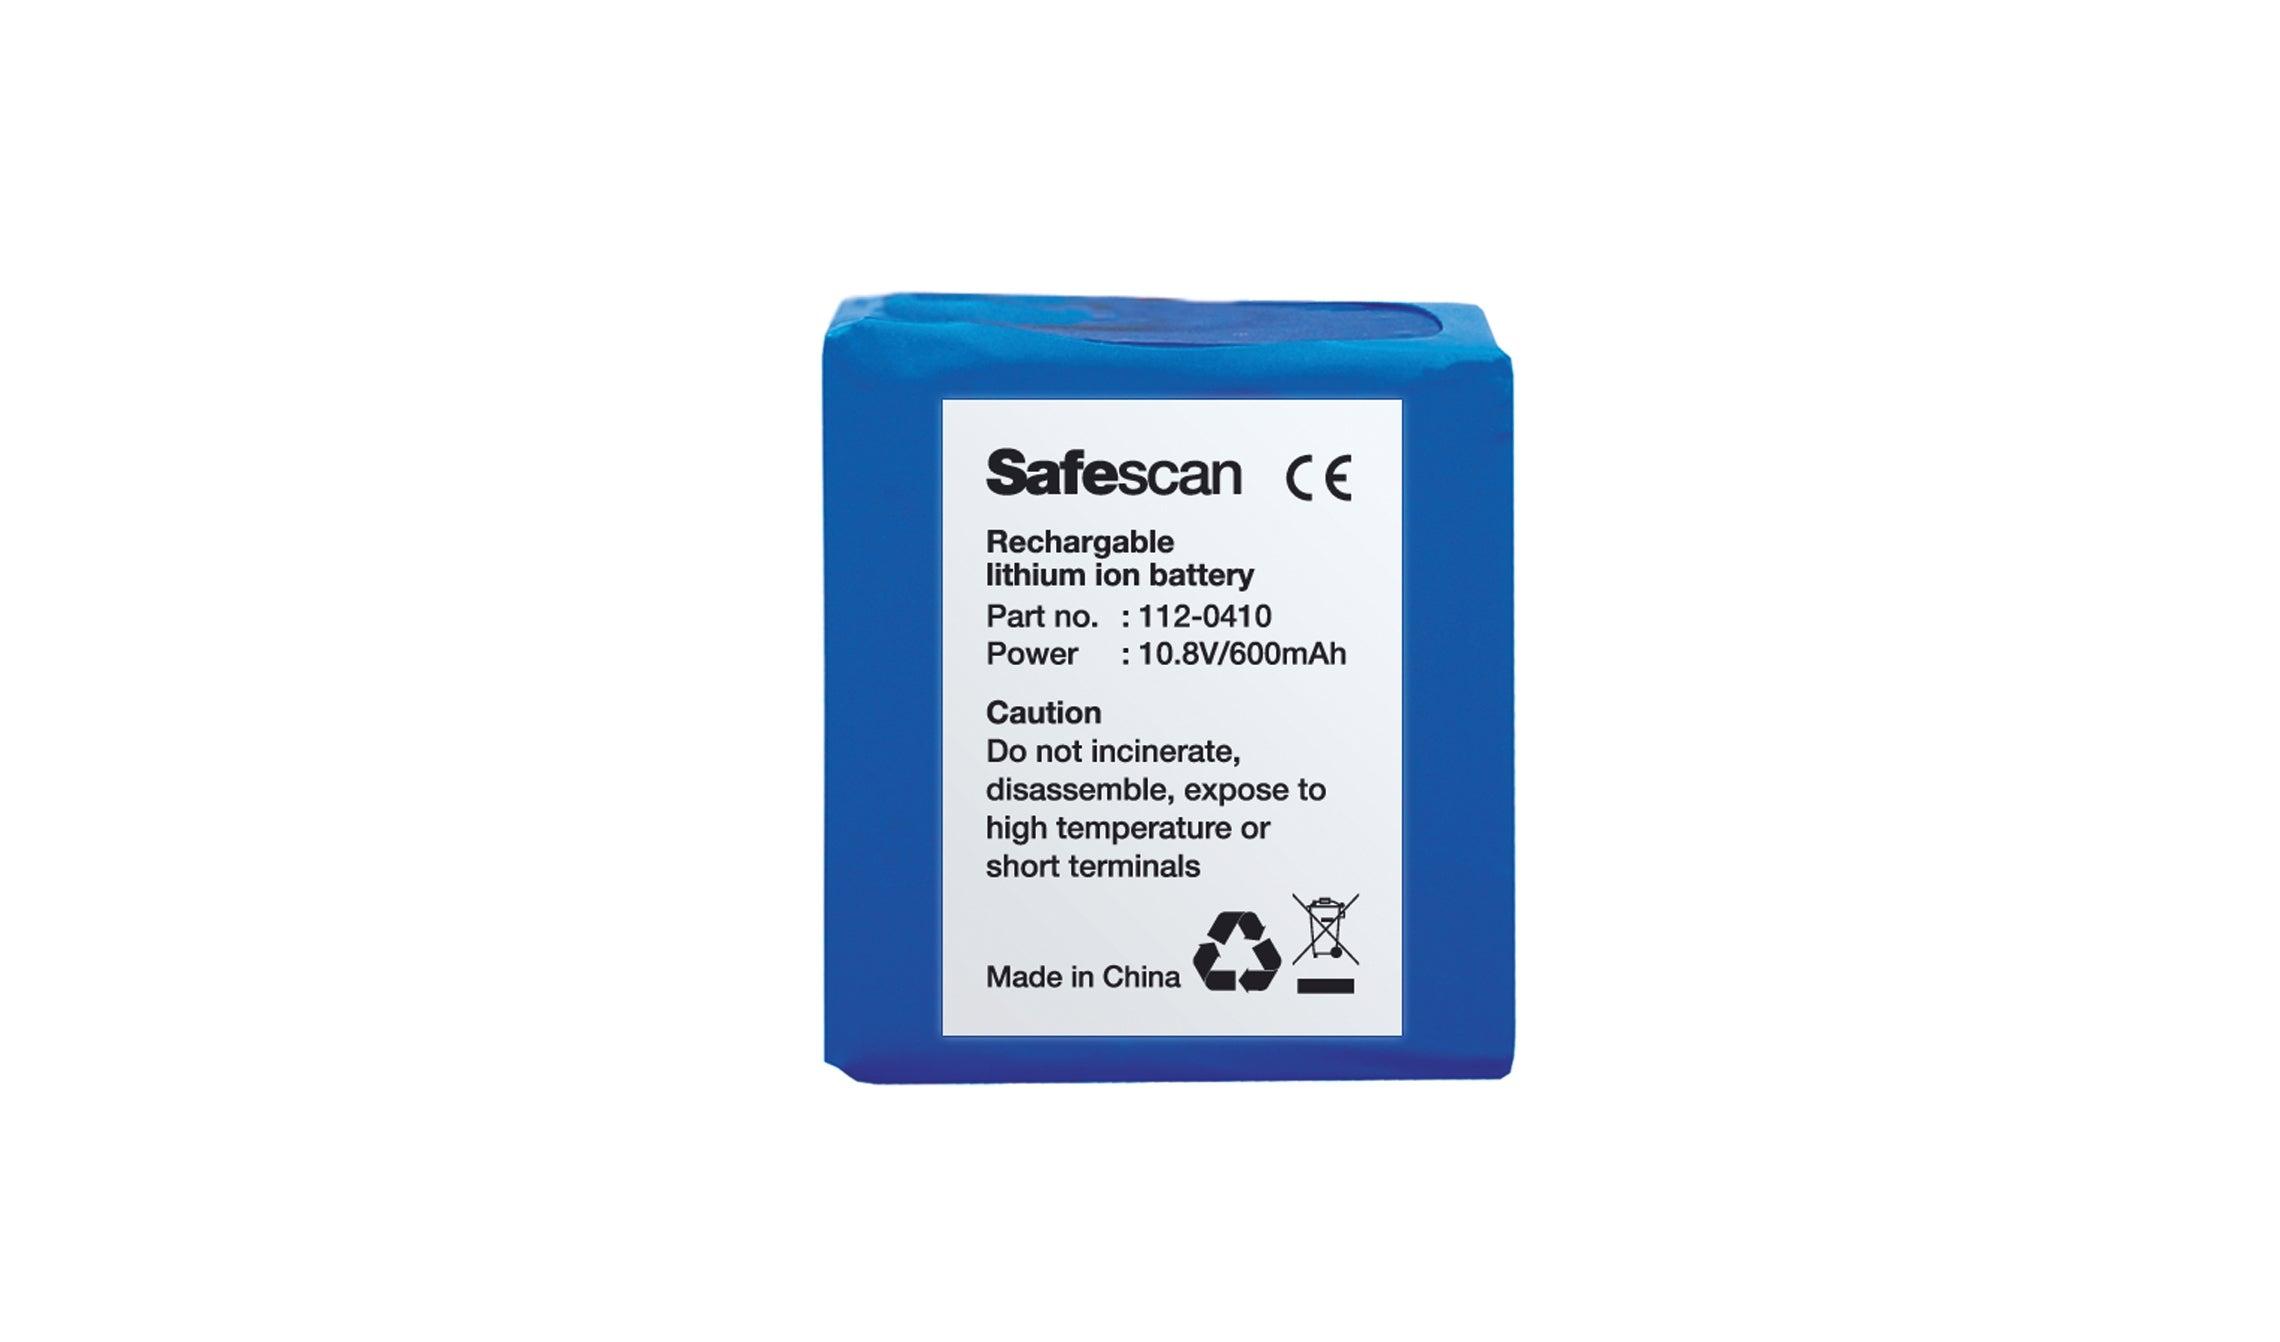 safescan-lb-105-rechargable-battery